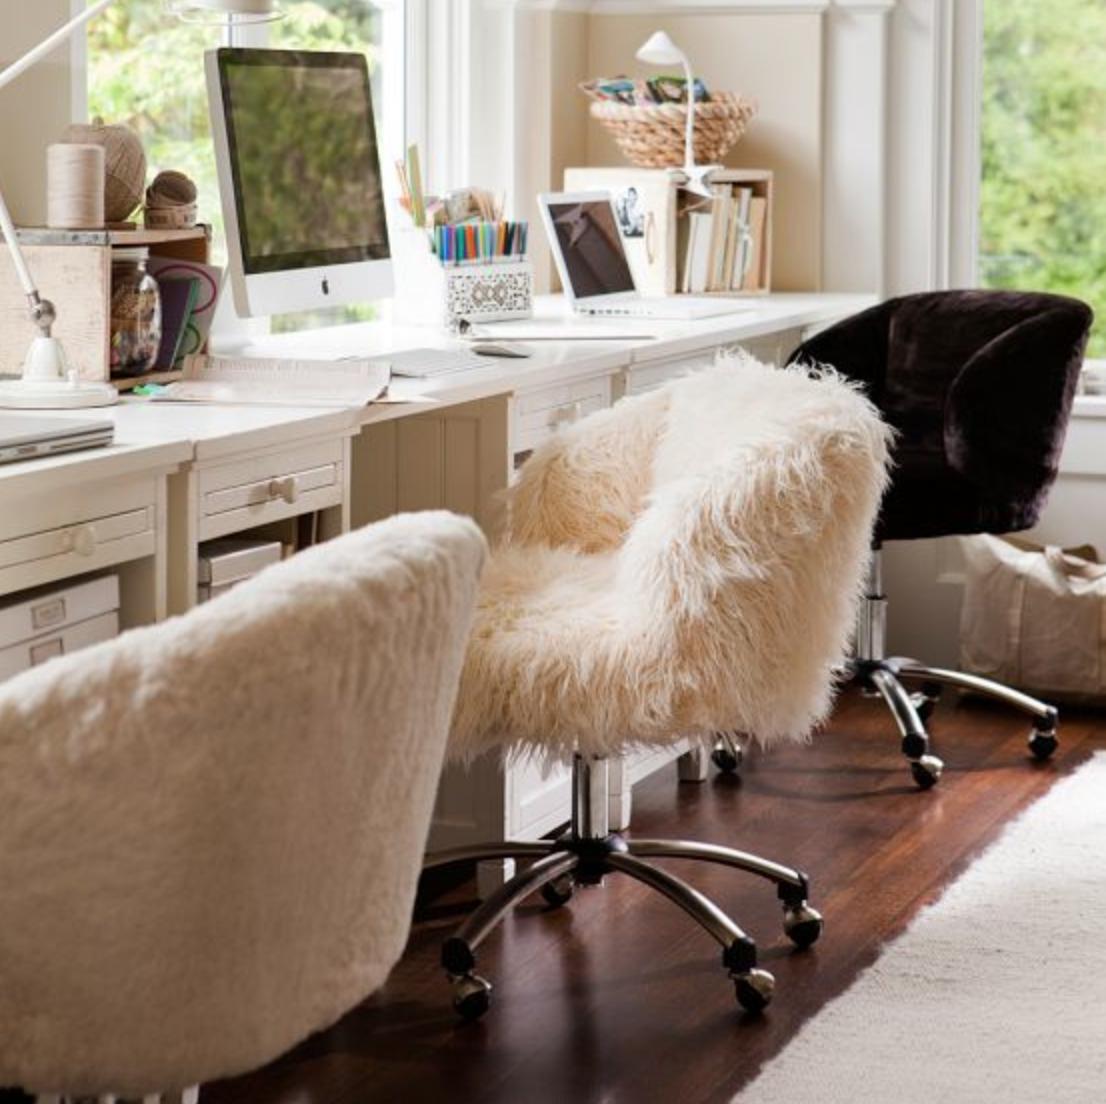 Hay một chiếc ghế giả lông chẳng phải độc nhất vô nhị để trang trí văn phòng sao?